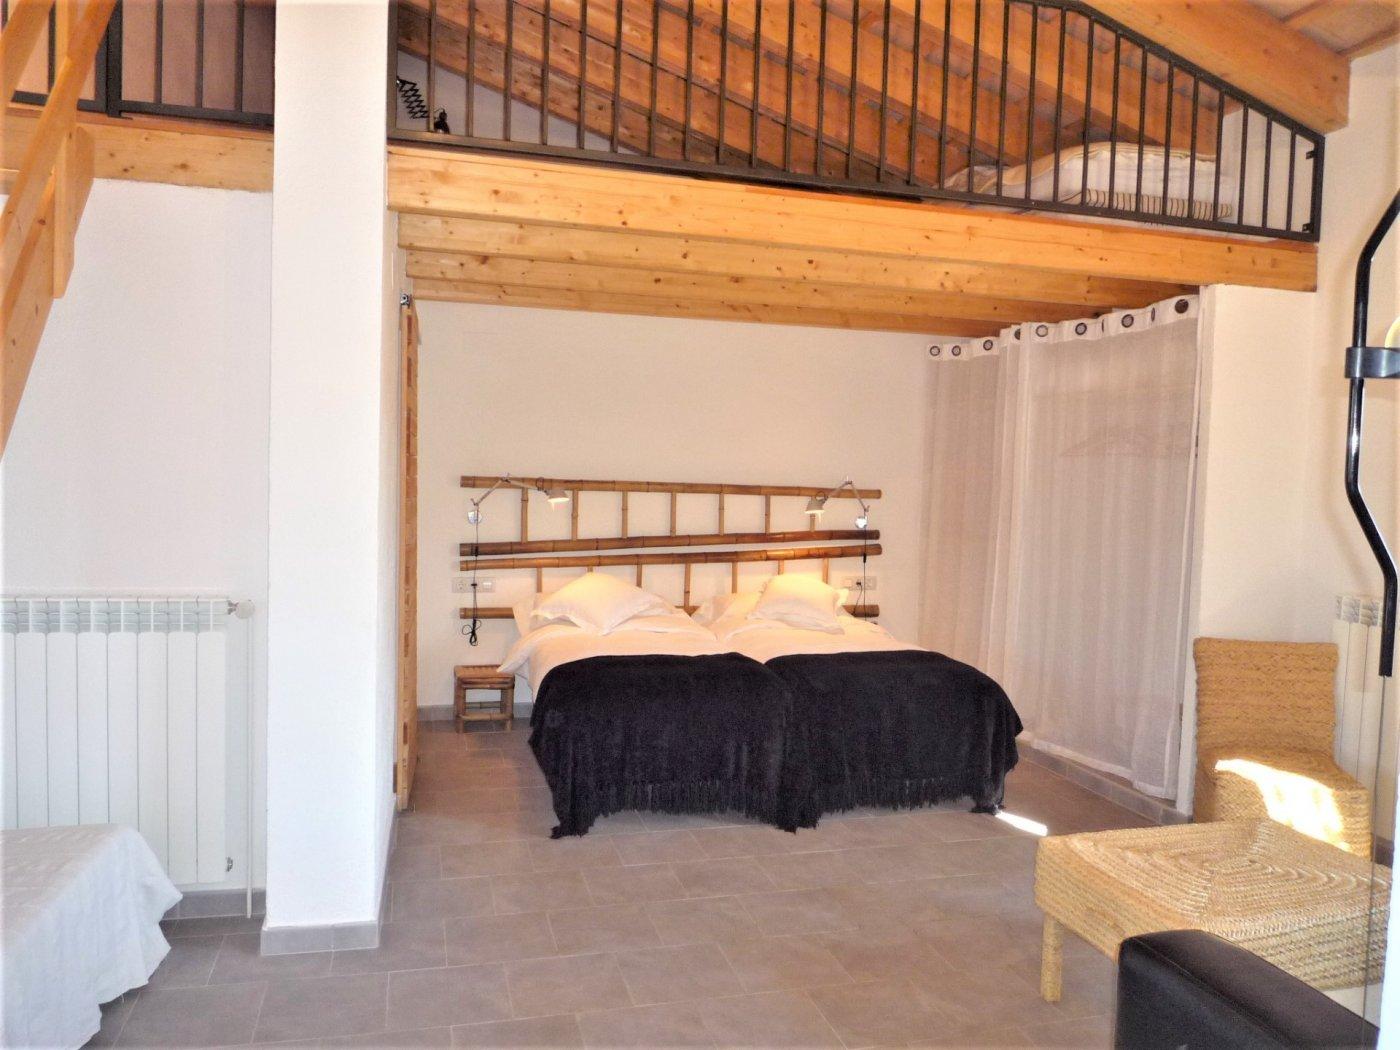 Casa en venta en montblanc - imagenInmueble34